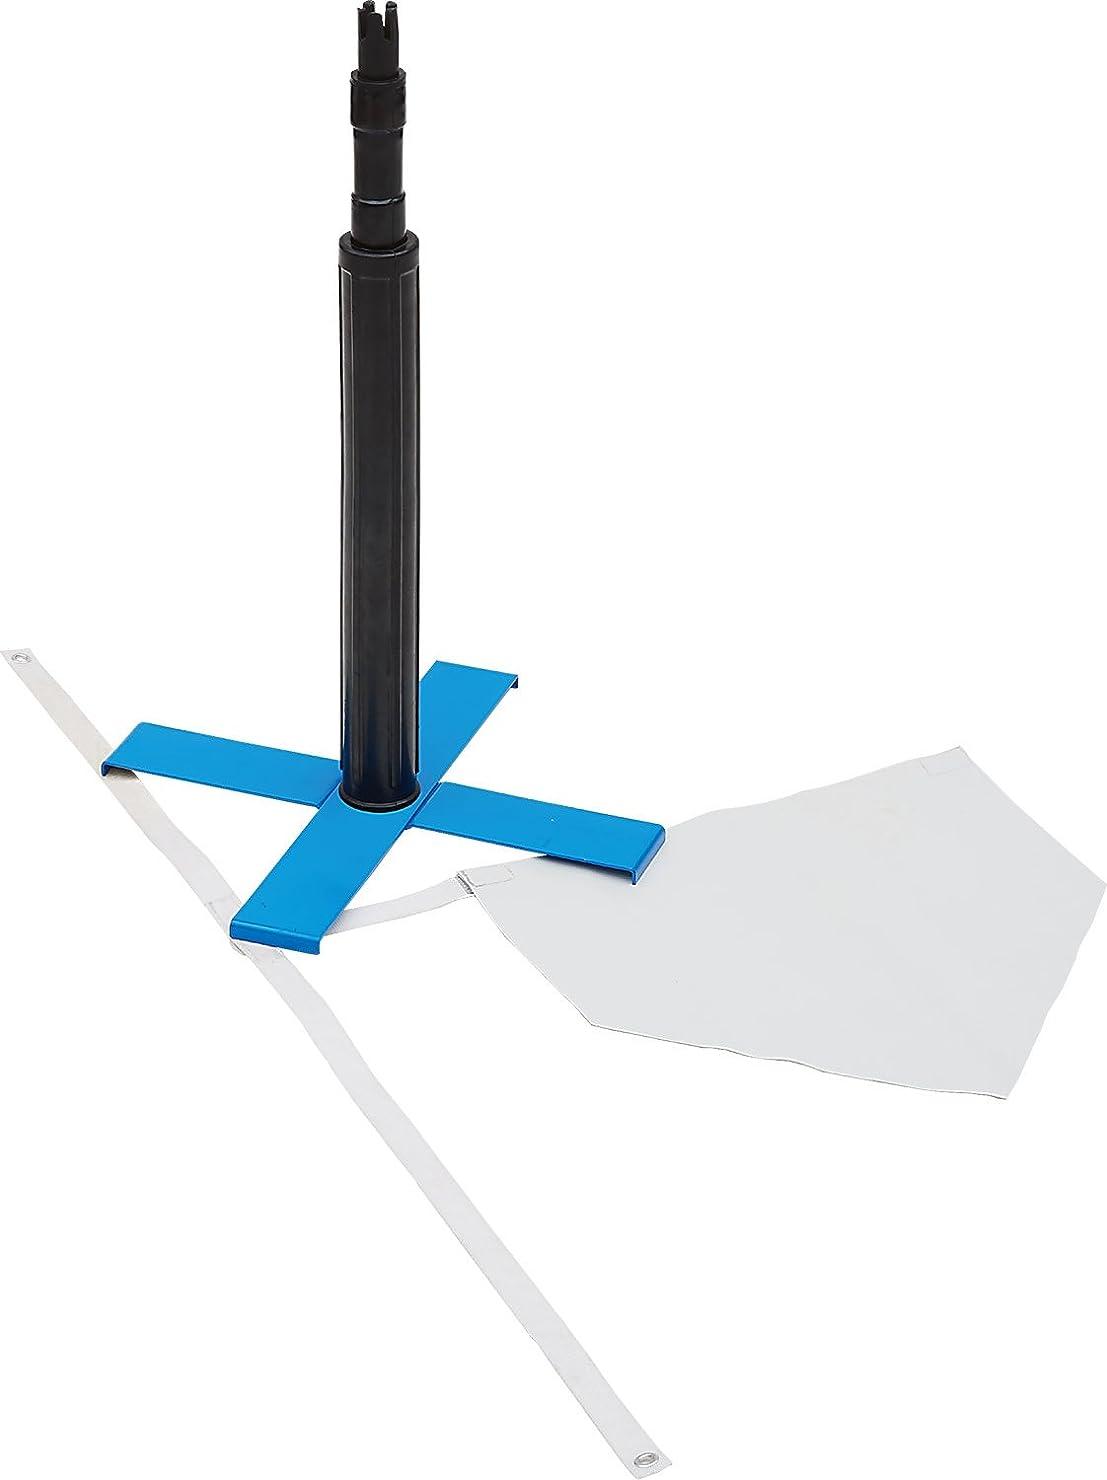 アドバンテージ兄弟愛荒らすUNIX(ユニックス) 野球 練習用品 X型ティースタンド&バッターゲージ(ベース付き) セット BX8687